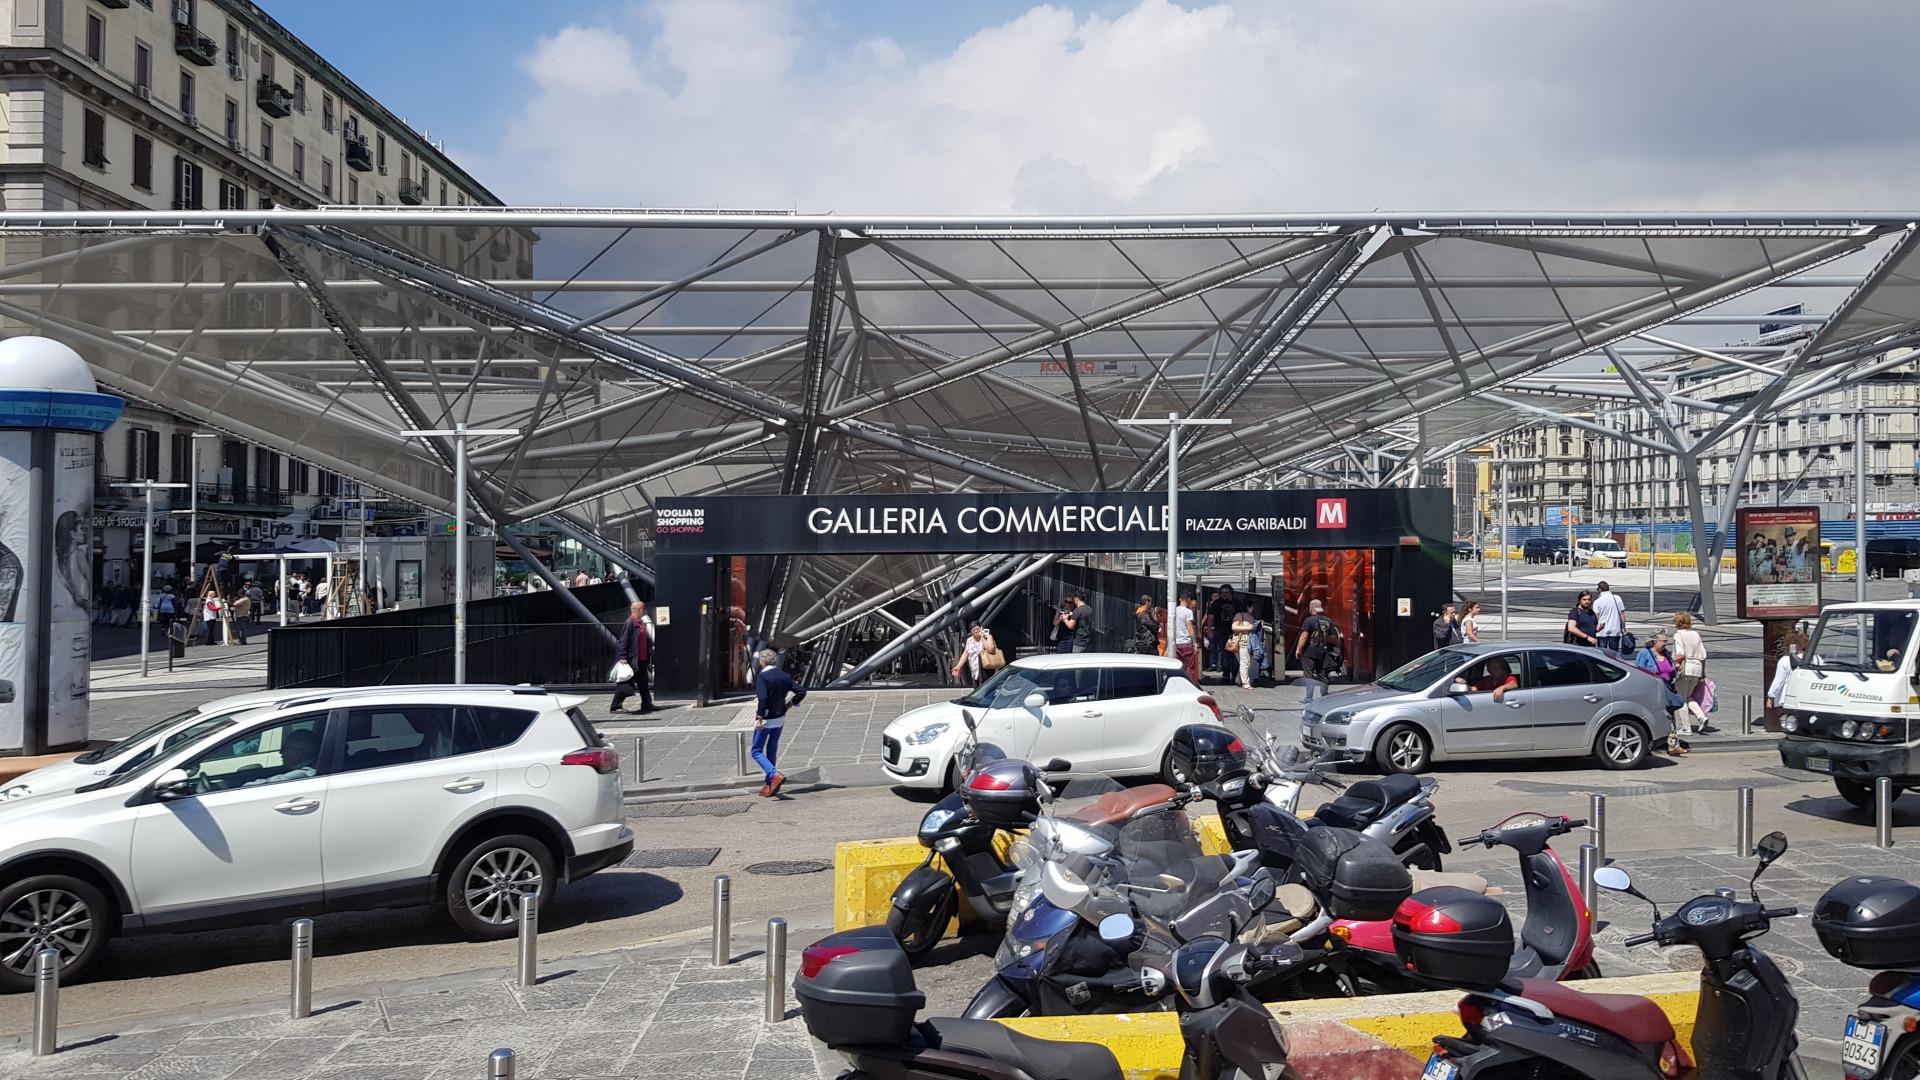 Вокзал Гарибальди - центр токсичного Неаполя